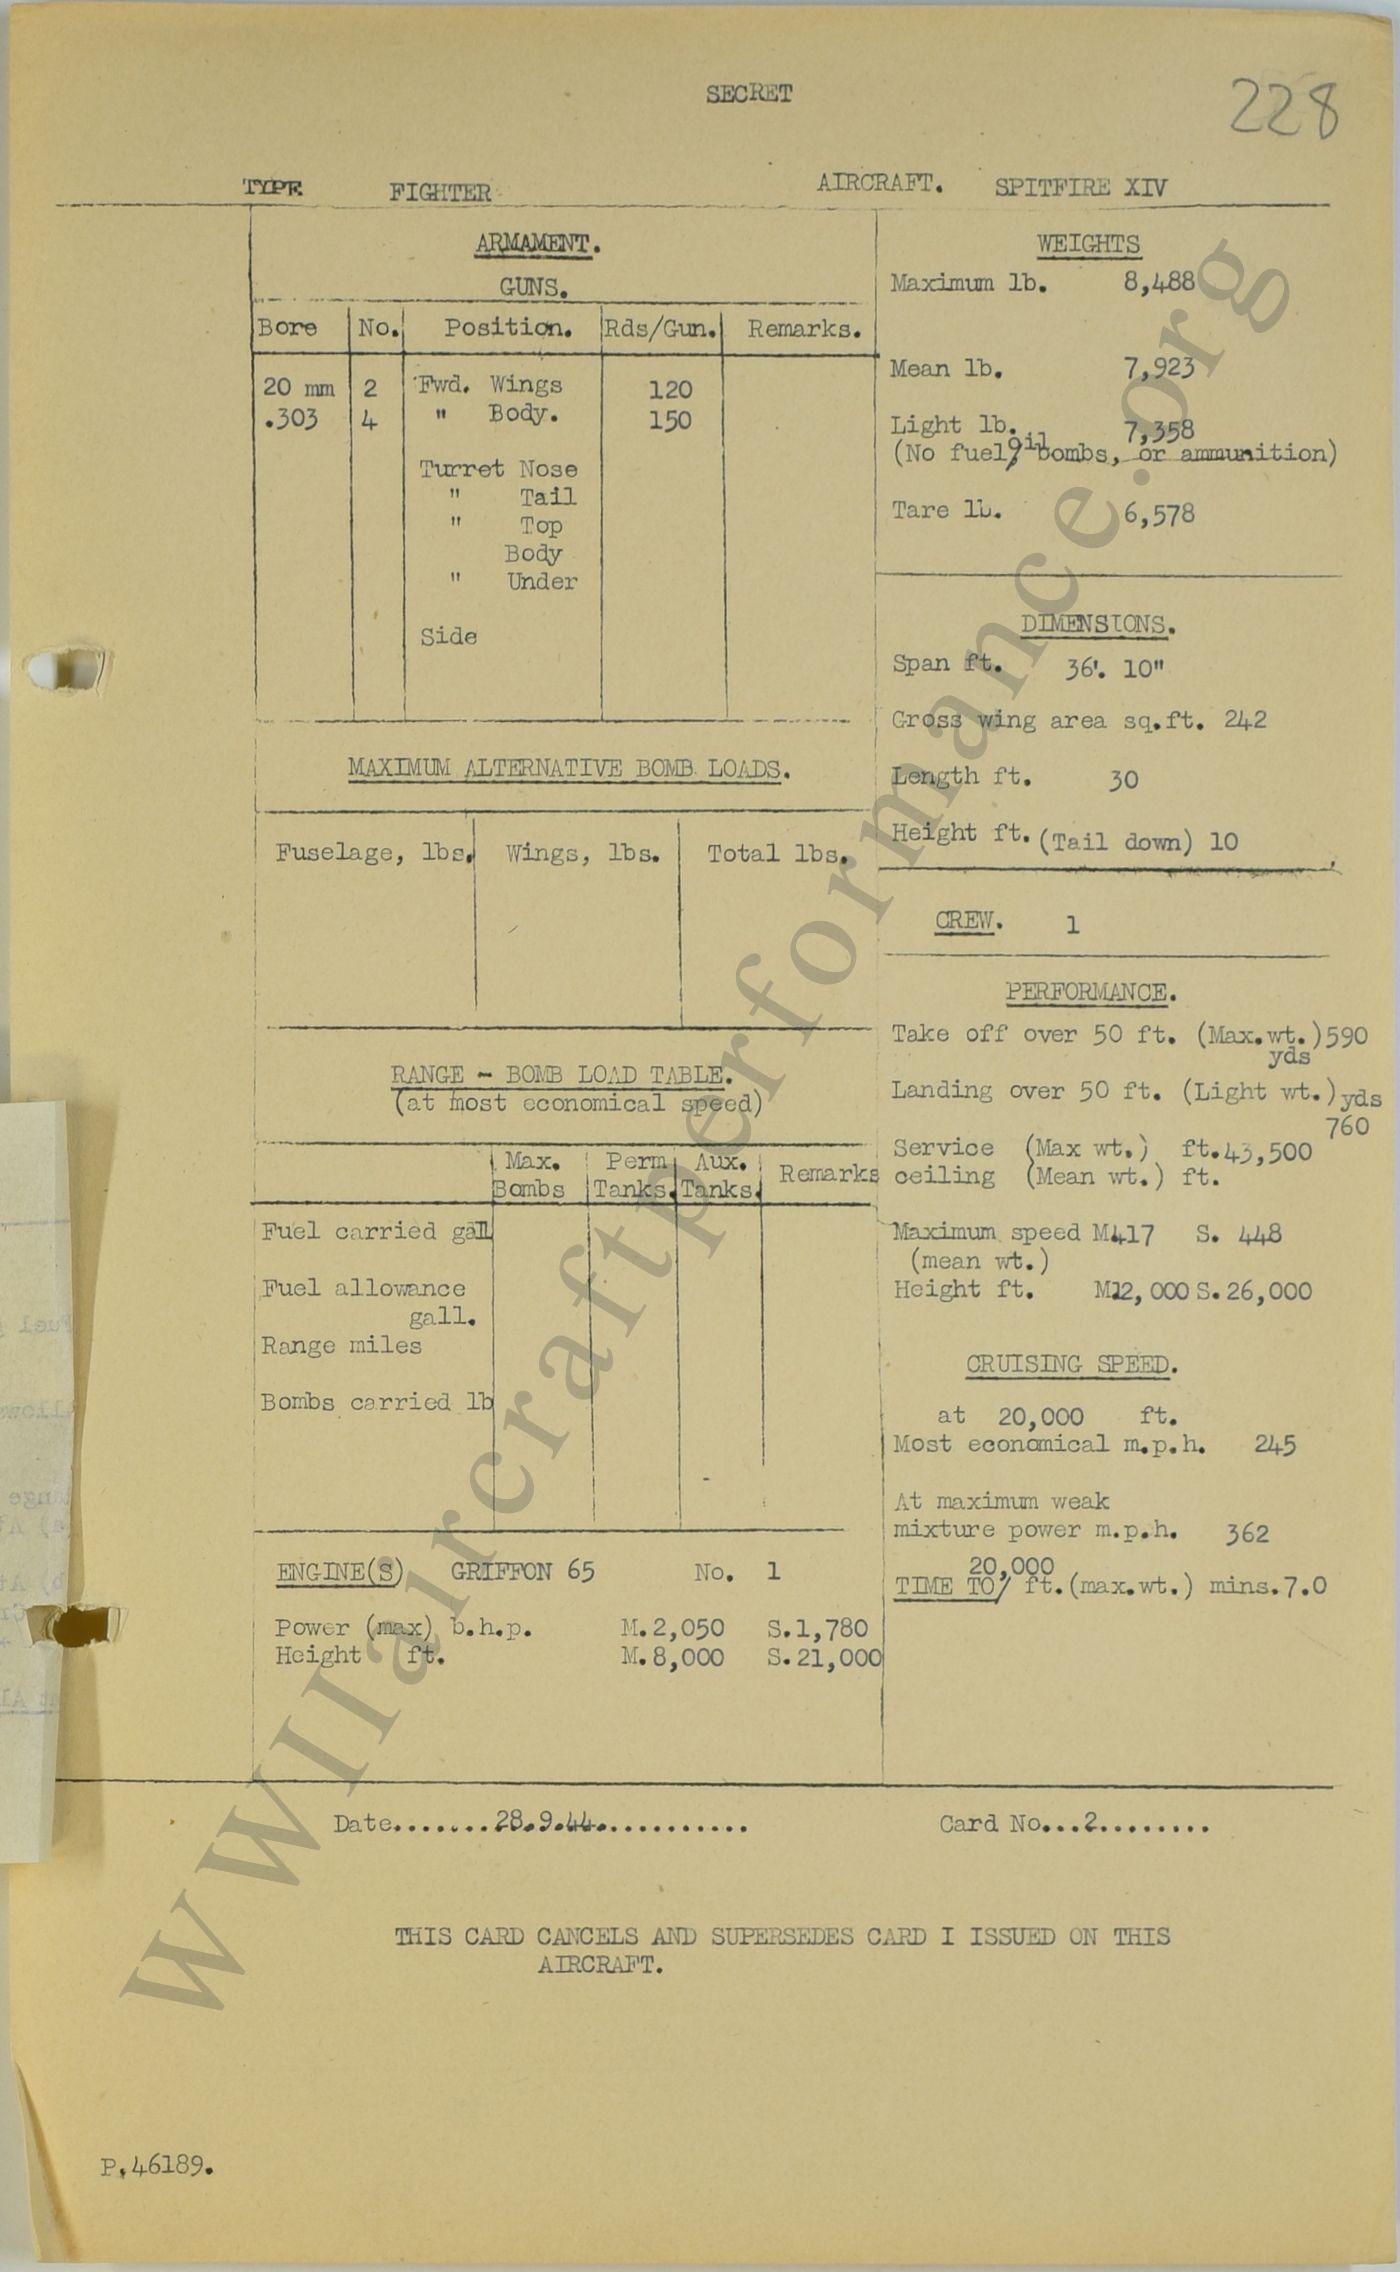 Spitfire Mk Xiv Versus Me 109 G K Wasser Liquid Level Control Switch Ls 15 The